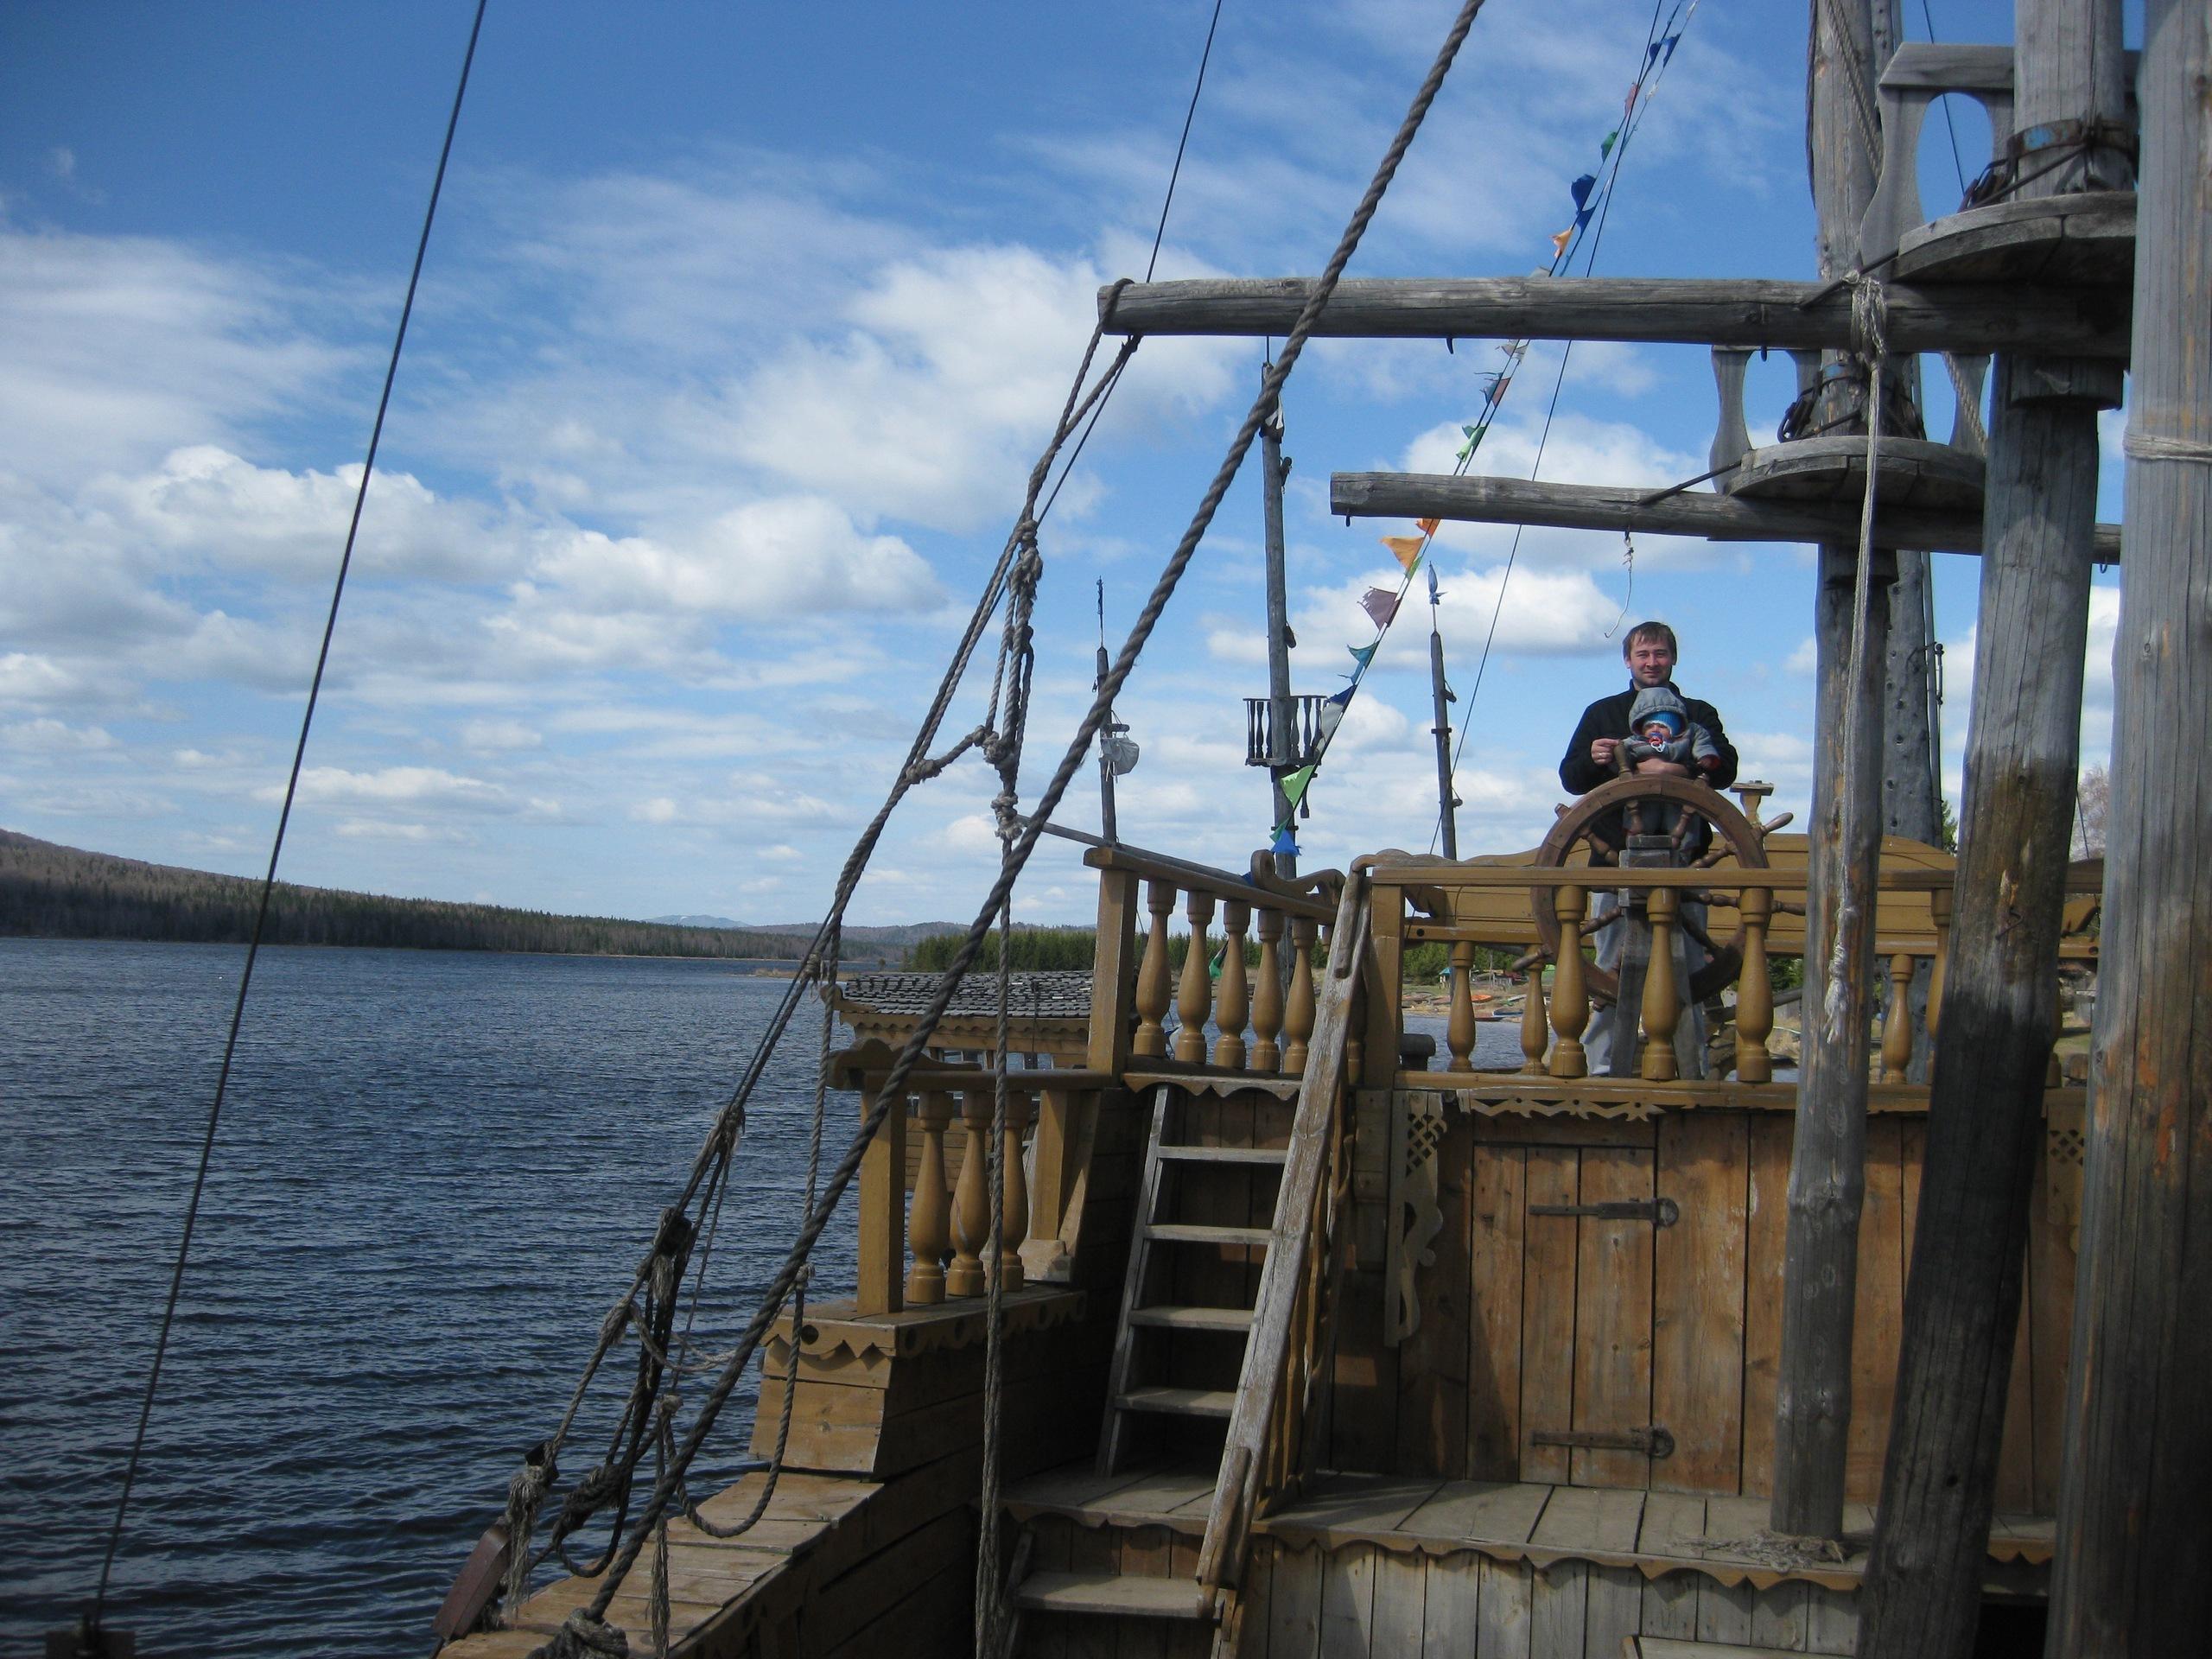 Поселок Зюраткуль. Китова Пристань, 2011